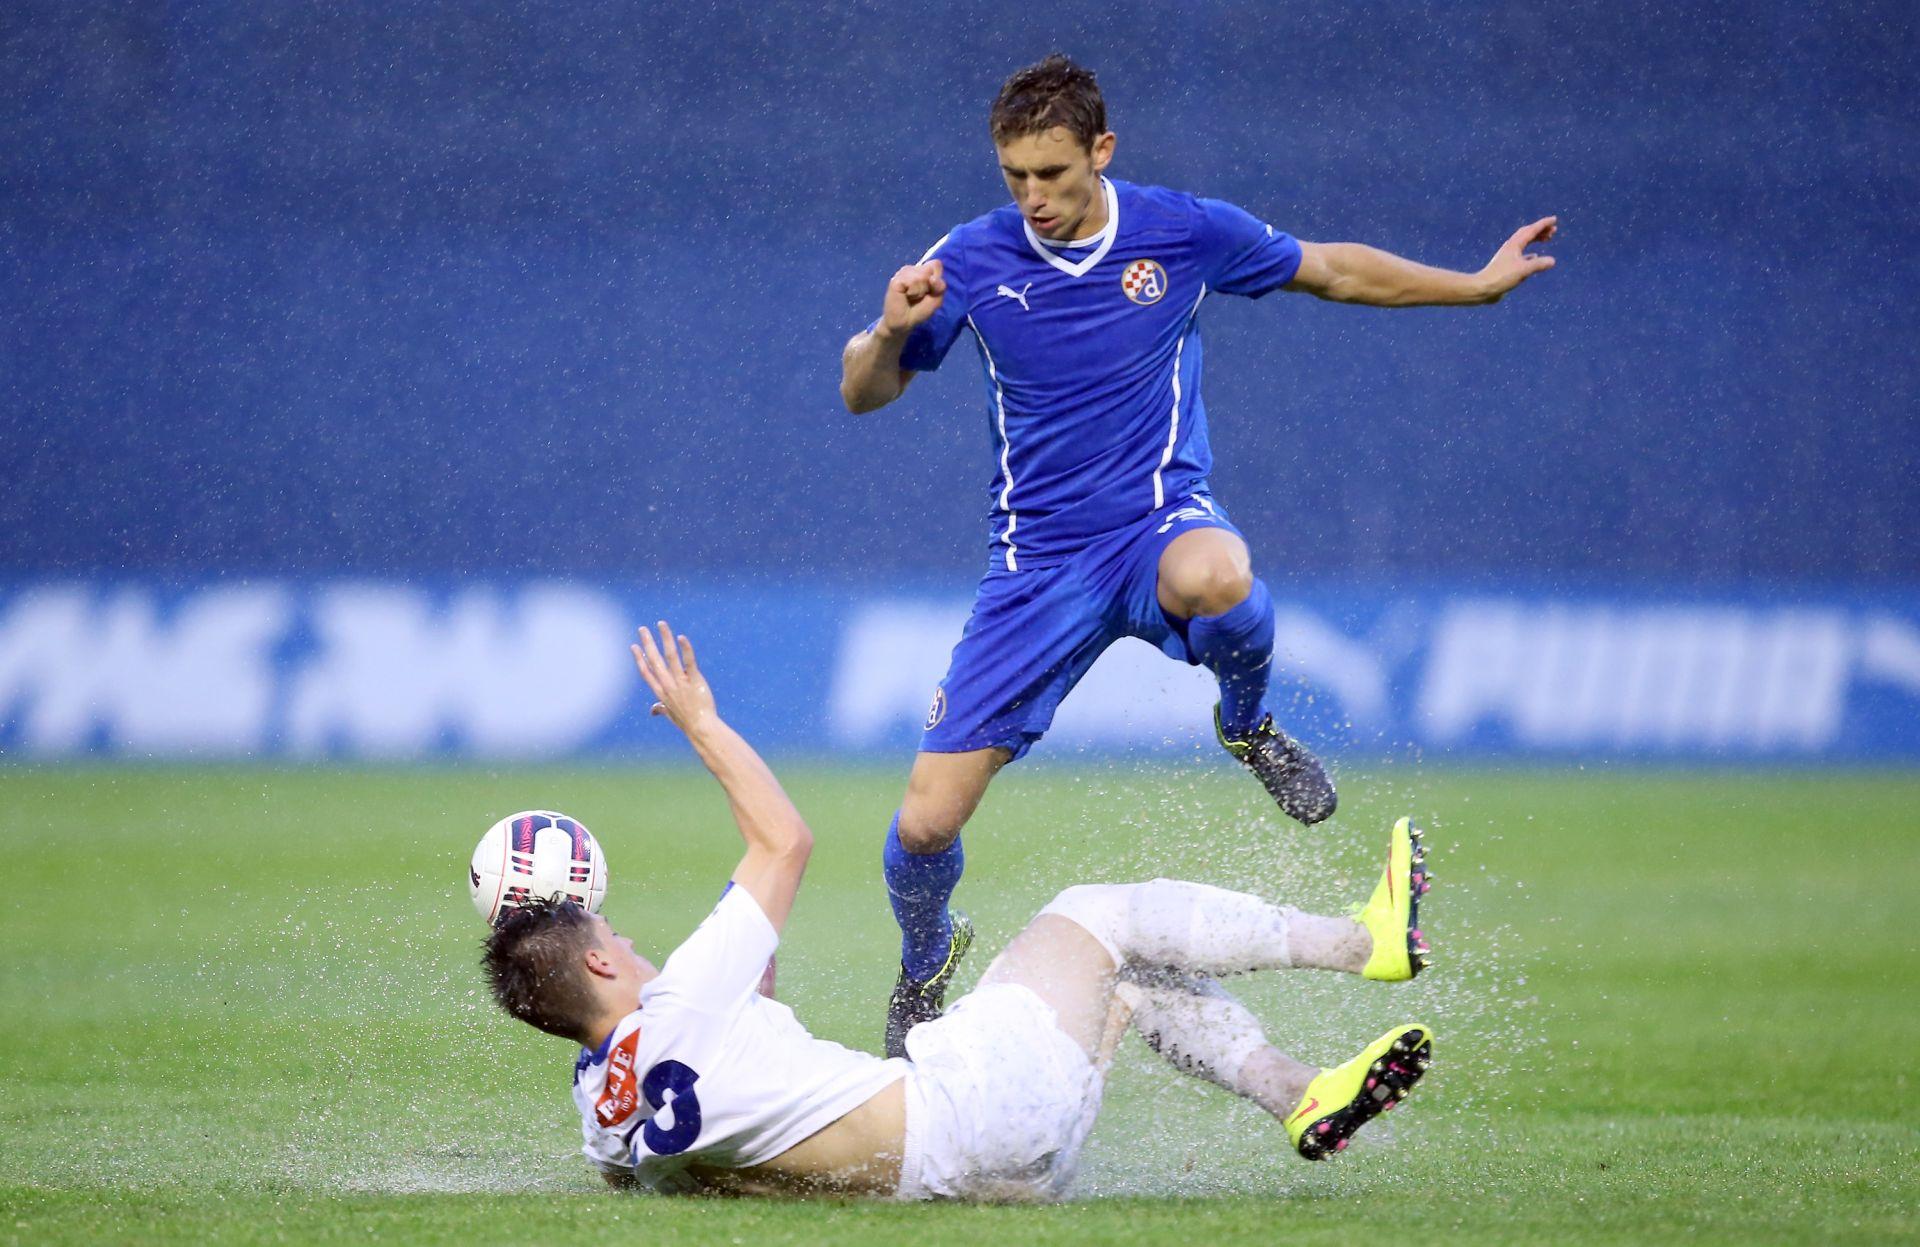 PRVA HNL Dinamo slavio nad Osijekom na 'bazenu' Maksimir